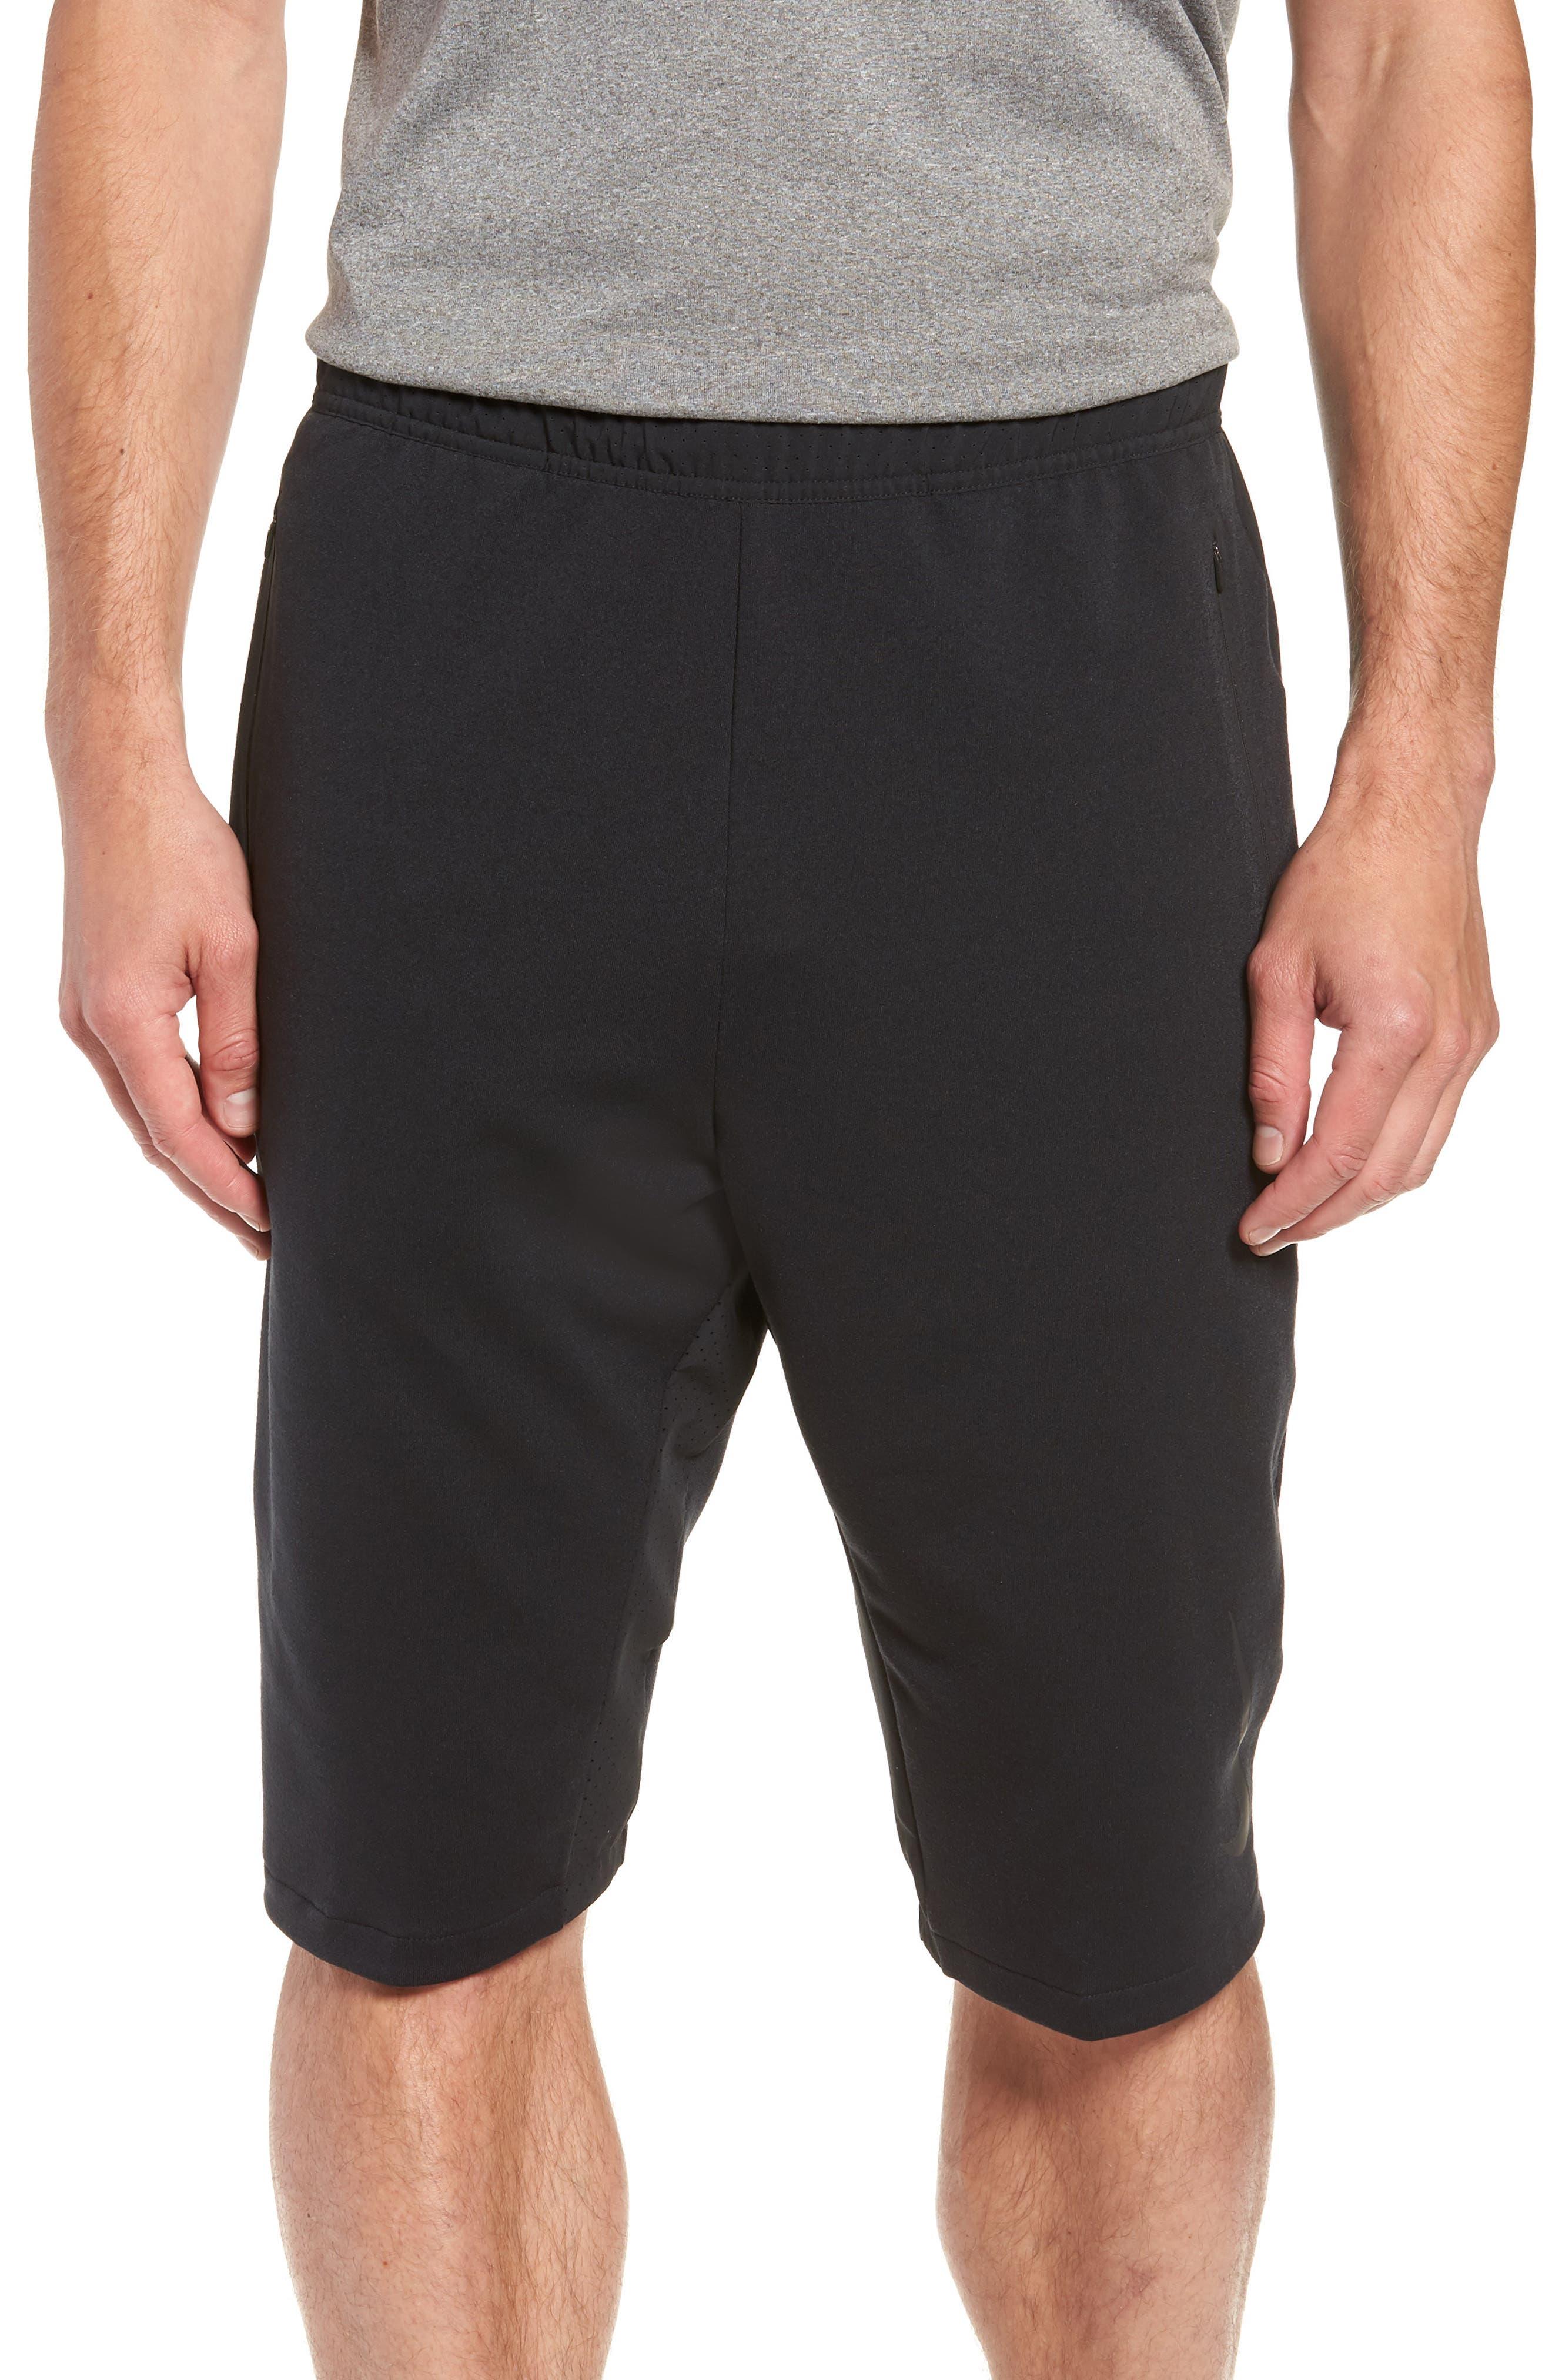 Dry Max Training Shorts,                             Main thumbnail 1, color,                             010